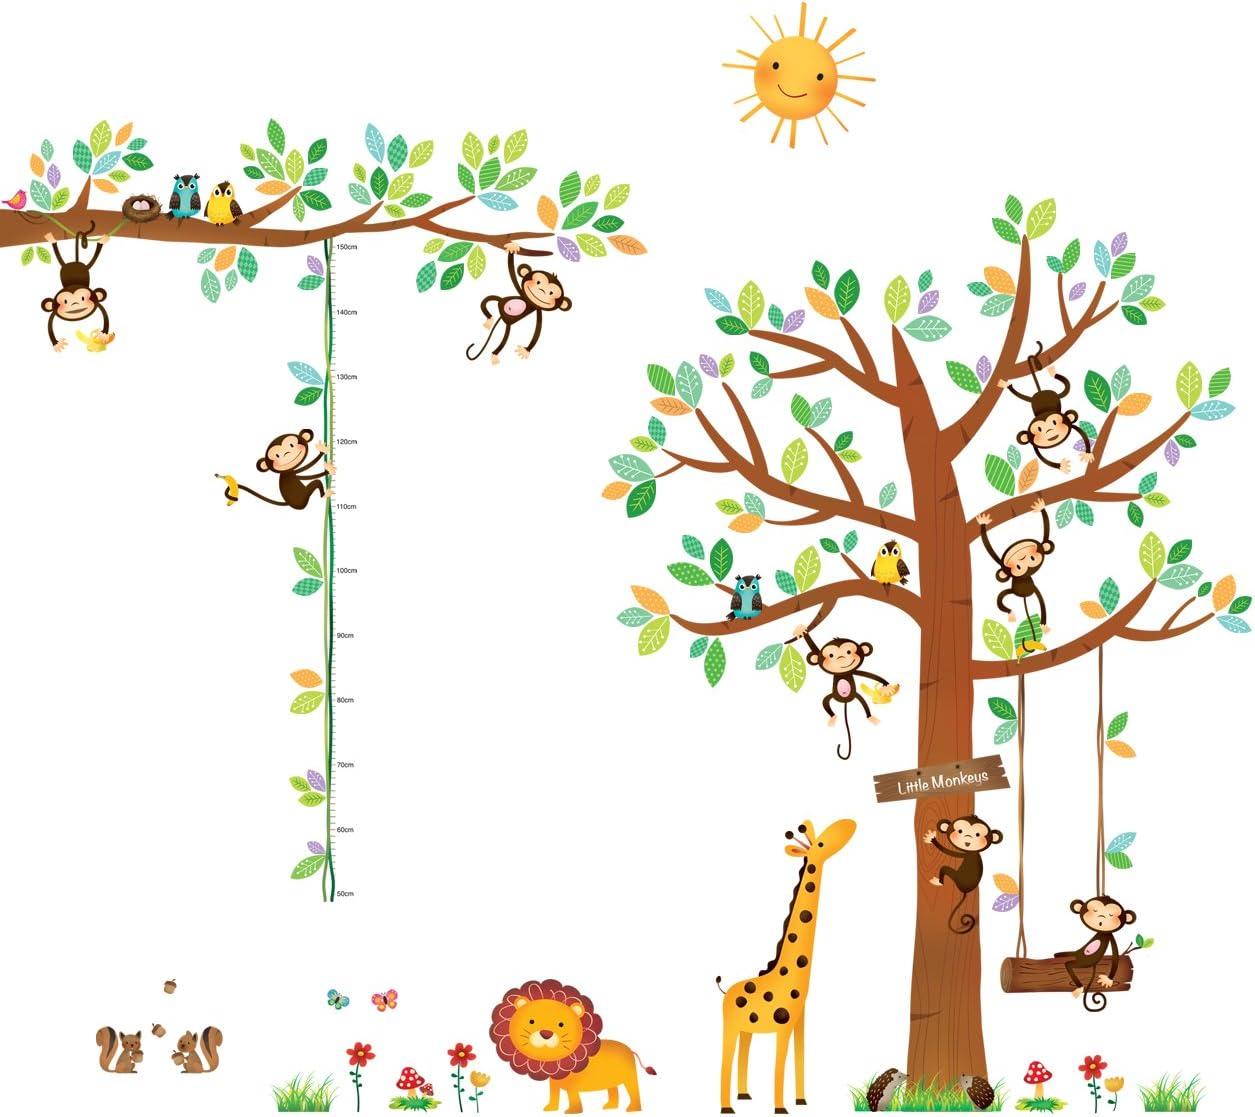 DA-1401P1402 DECOWALL Árbol de 8 Monitos y Gráfica de Altura Vinilo Pegatinas Decorativas Adhesiva Pared Dormitorio Salón Guardería Habitación Infantiles Niños Bebés